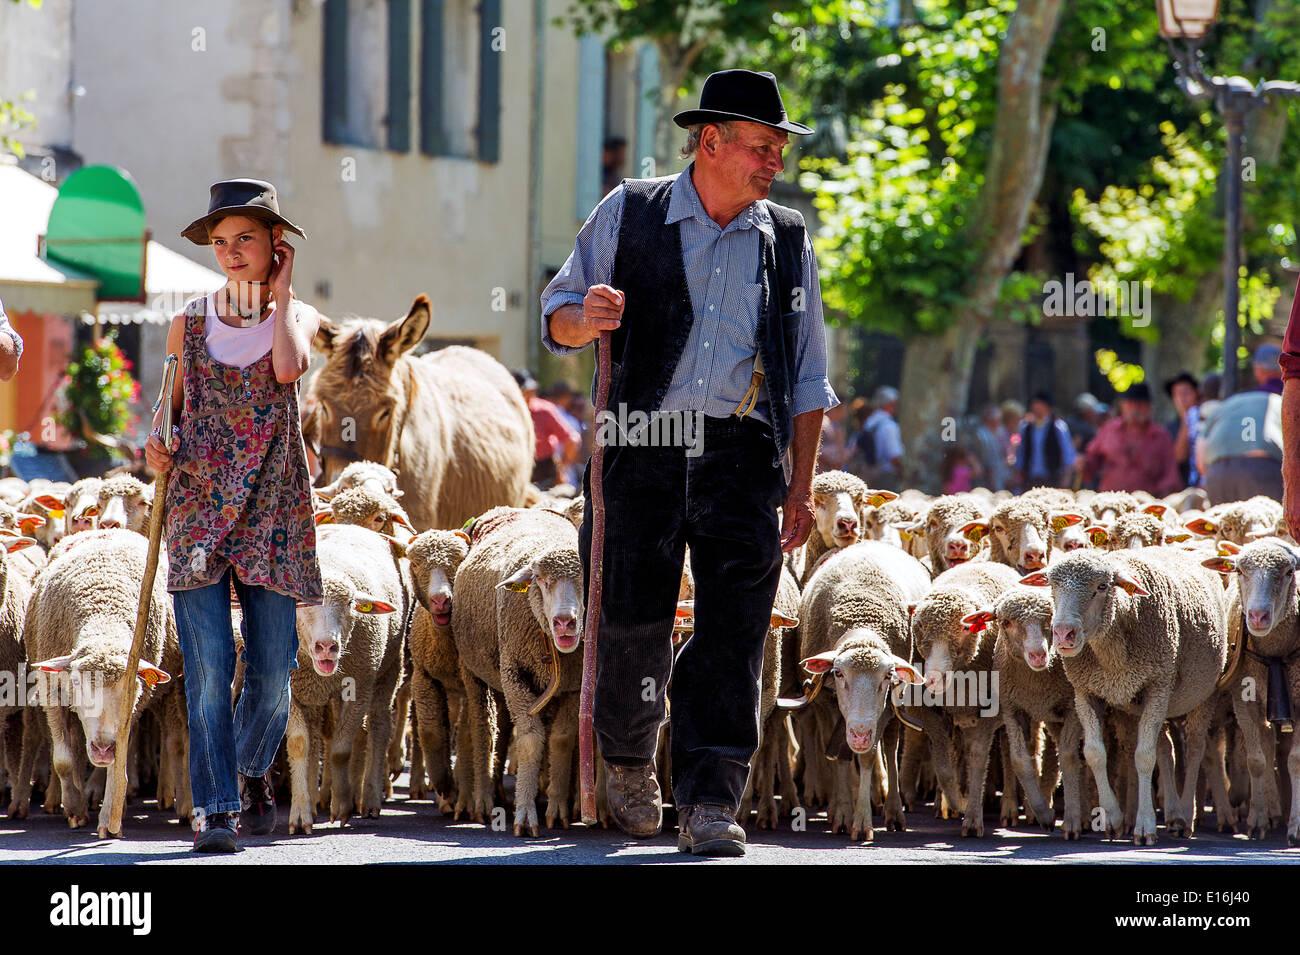 Europe, France, Bouches-du-Rhône, Saint-Rémy-de-Provence. Fête de la transhumance. Parade. Photo Stock